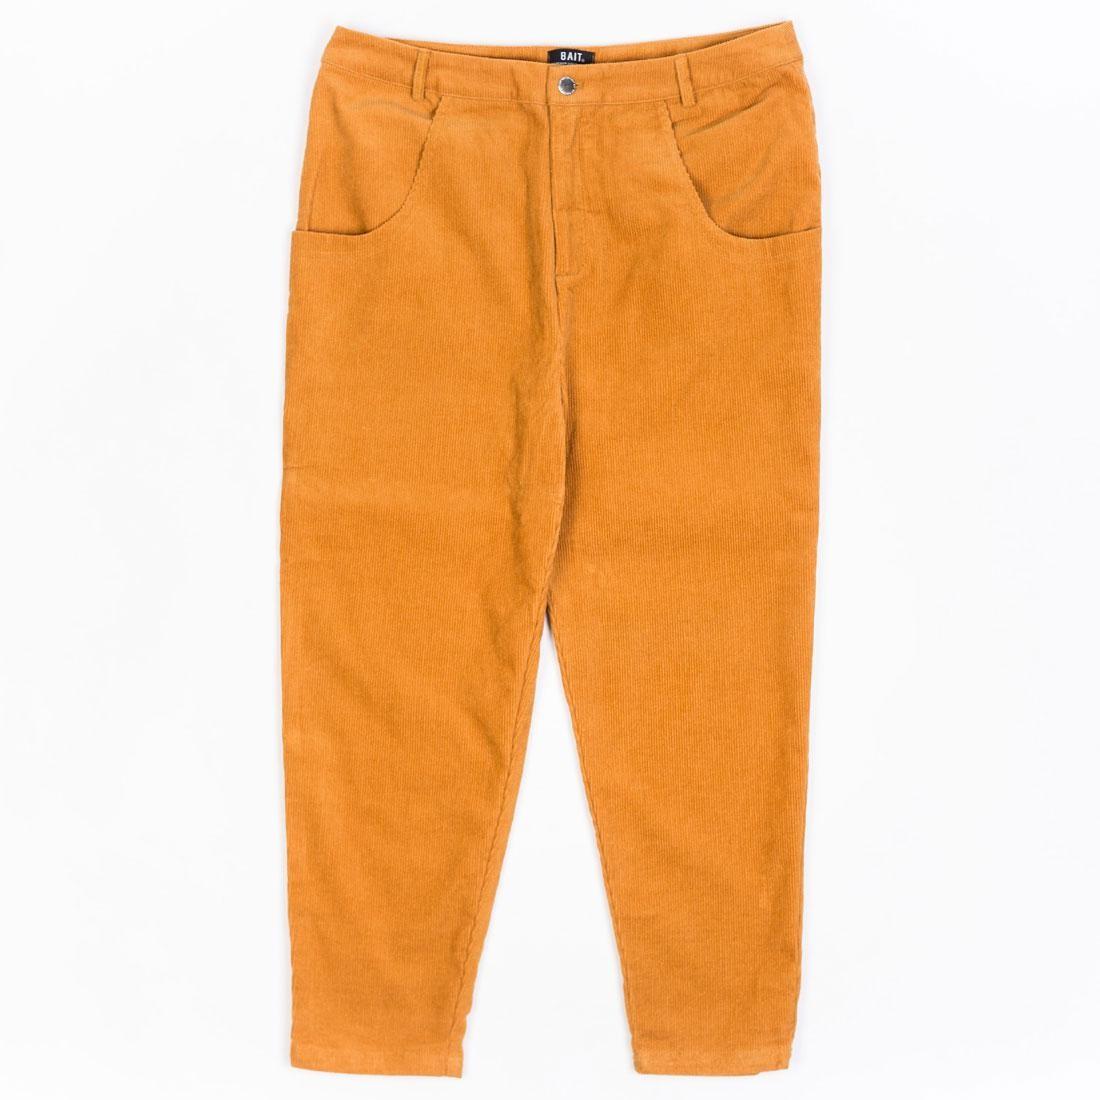 ベイト BAIT コーデュロイ 茶 ブラウン キャメル 【 BROWN CAMEL BAIT UNISEX CORDUROY TAILORED PANTS 】 メンズファッション ズボン パンツ